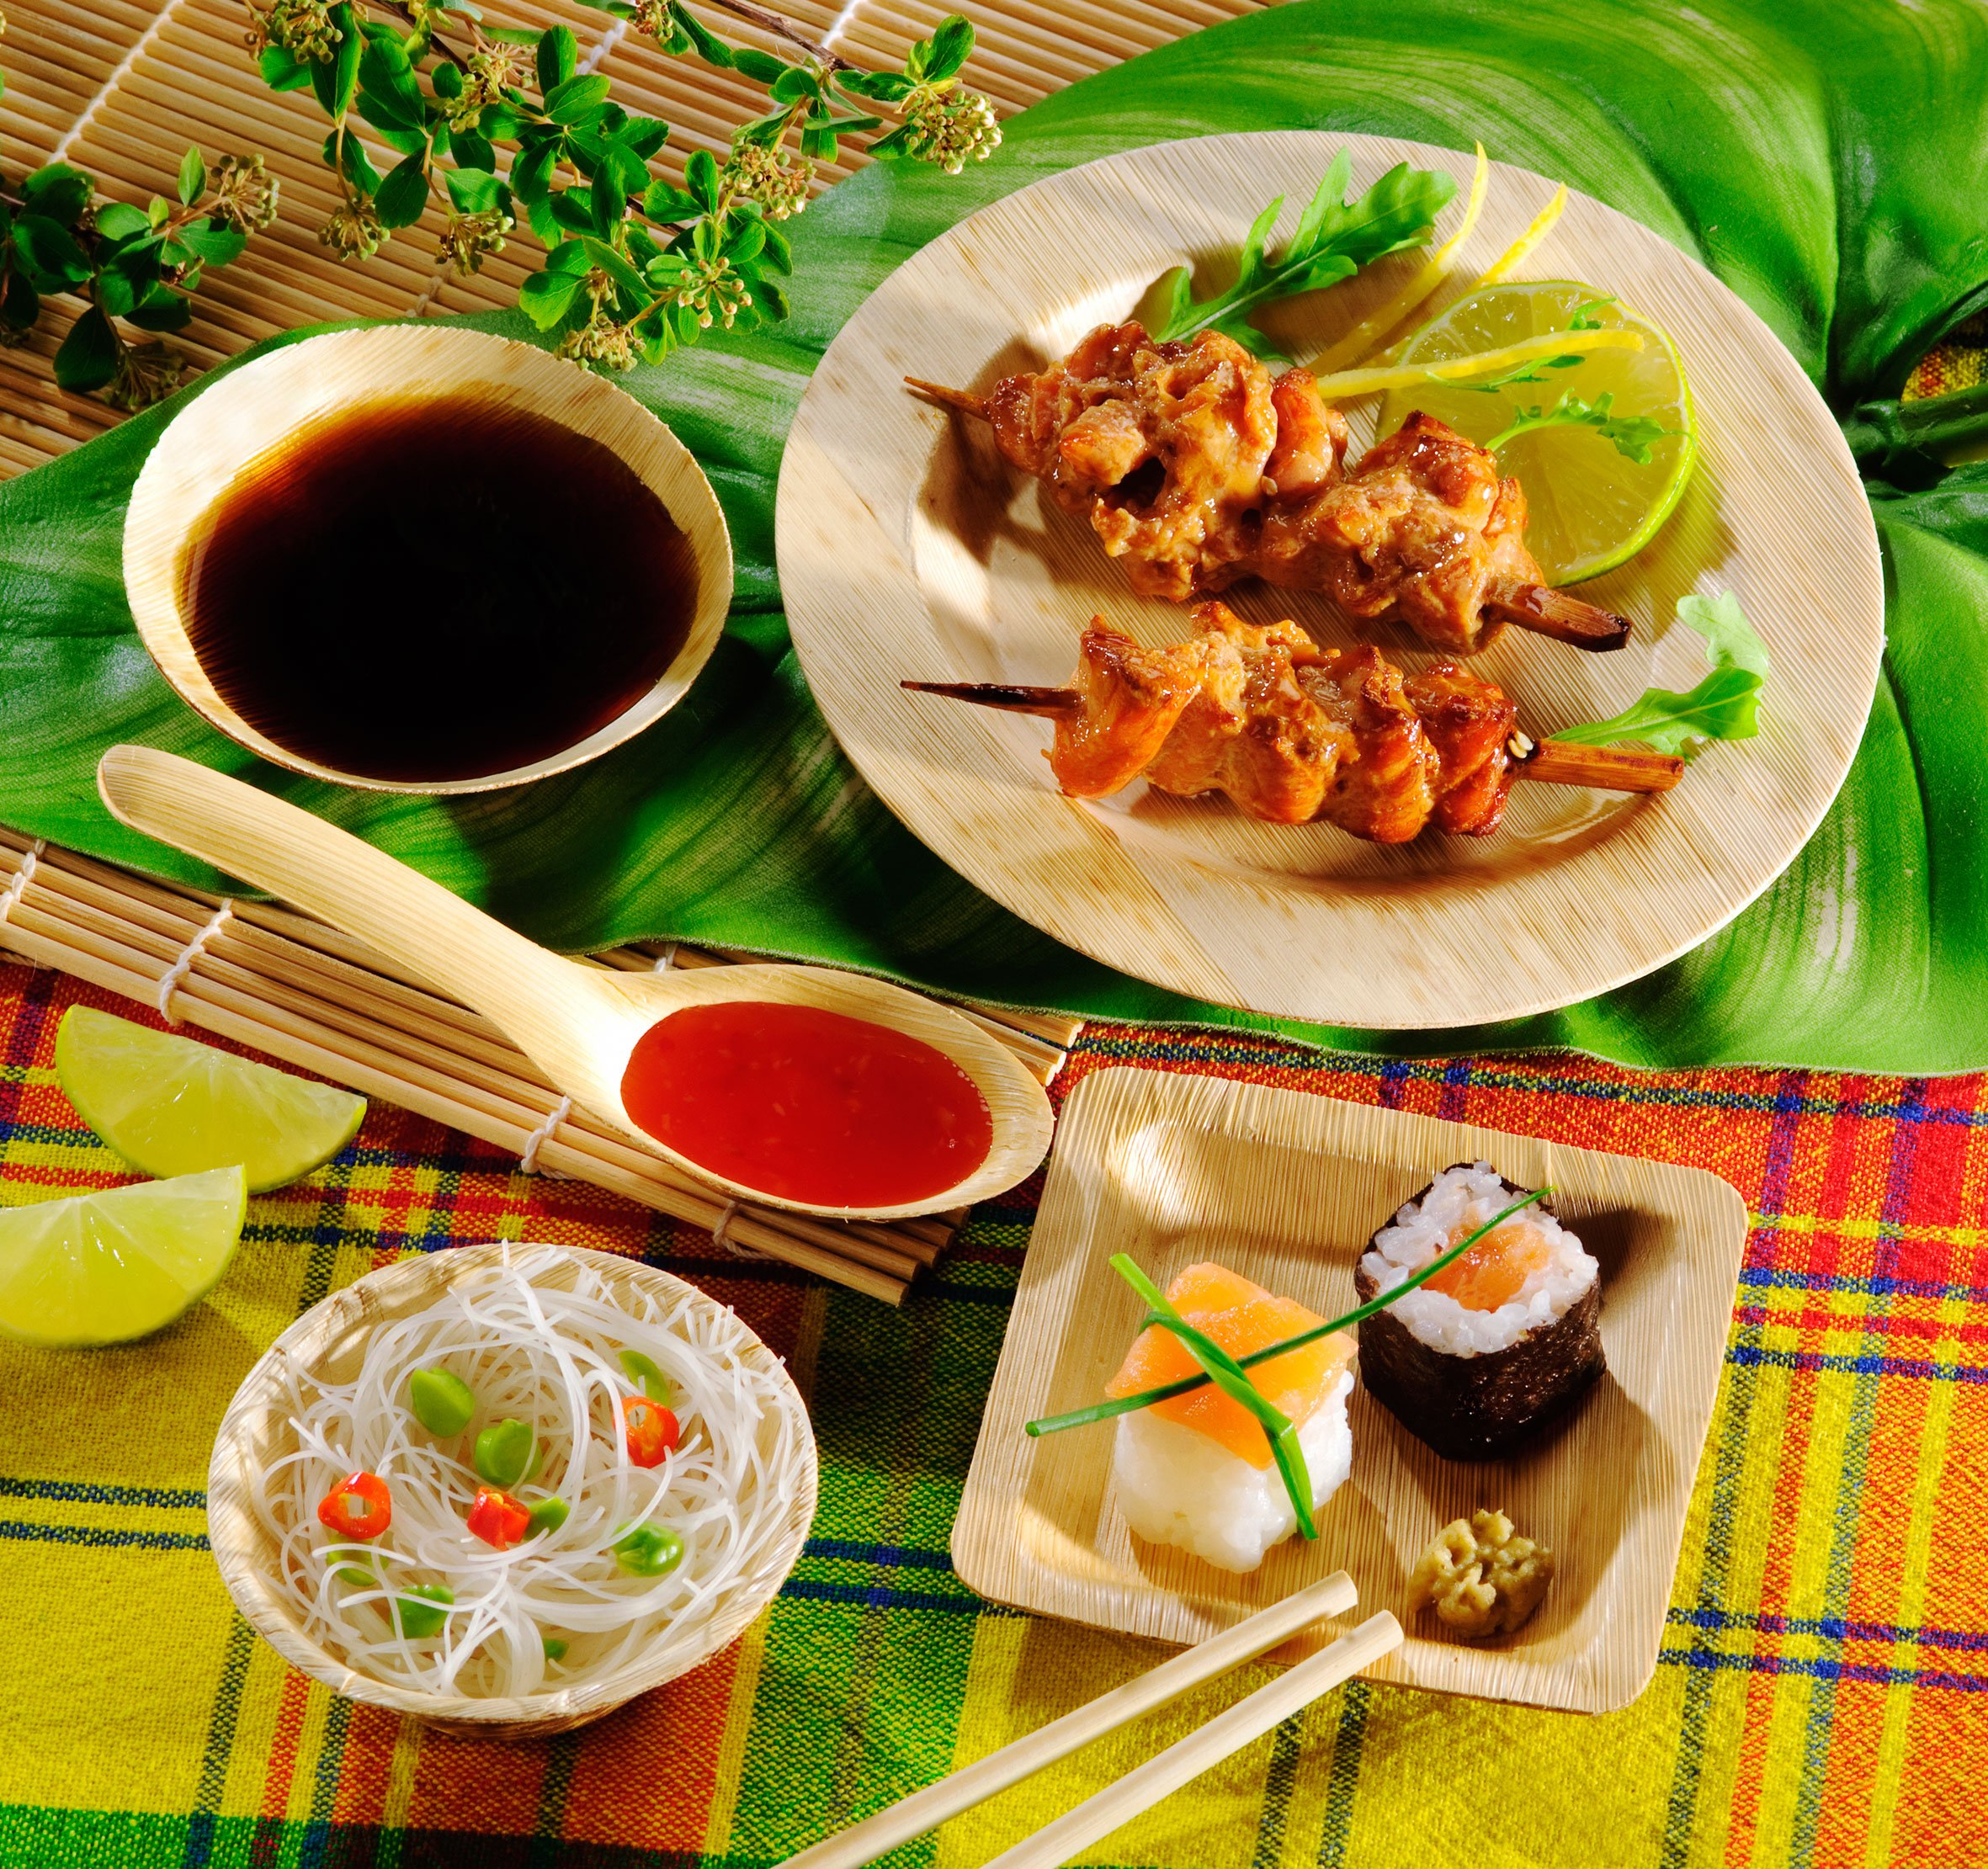 PackNWood 210BBOUSPOON Bamboo Leaf Tasting Spoon - 0.25 oz - 5.12'' - 1000 per case